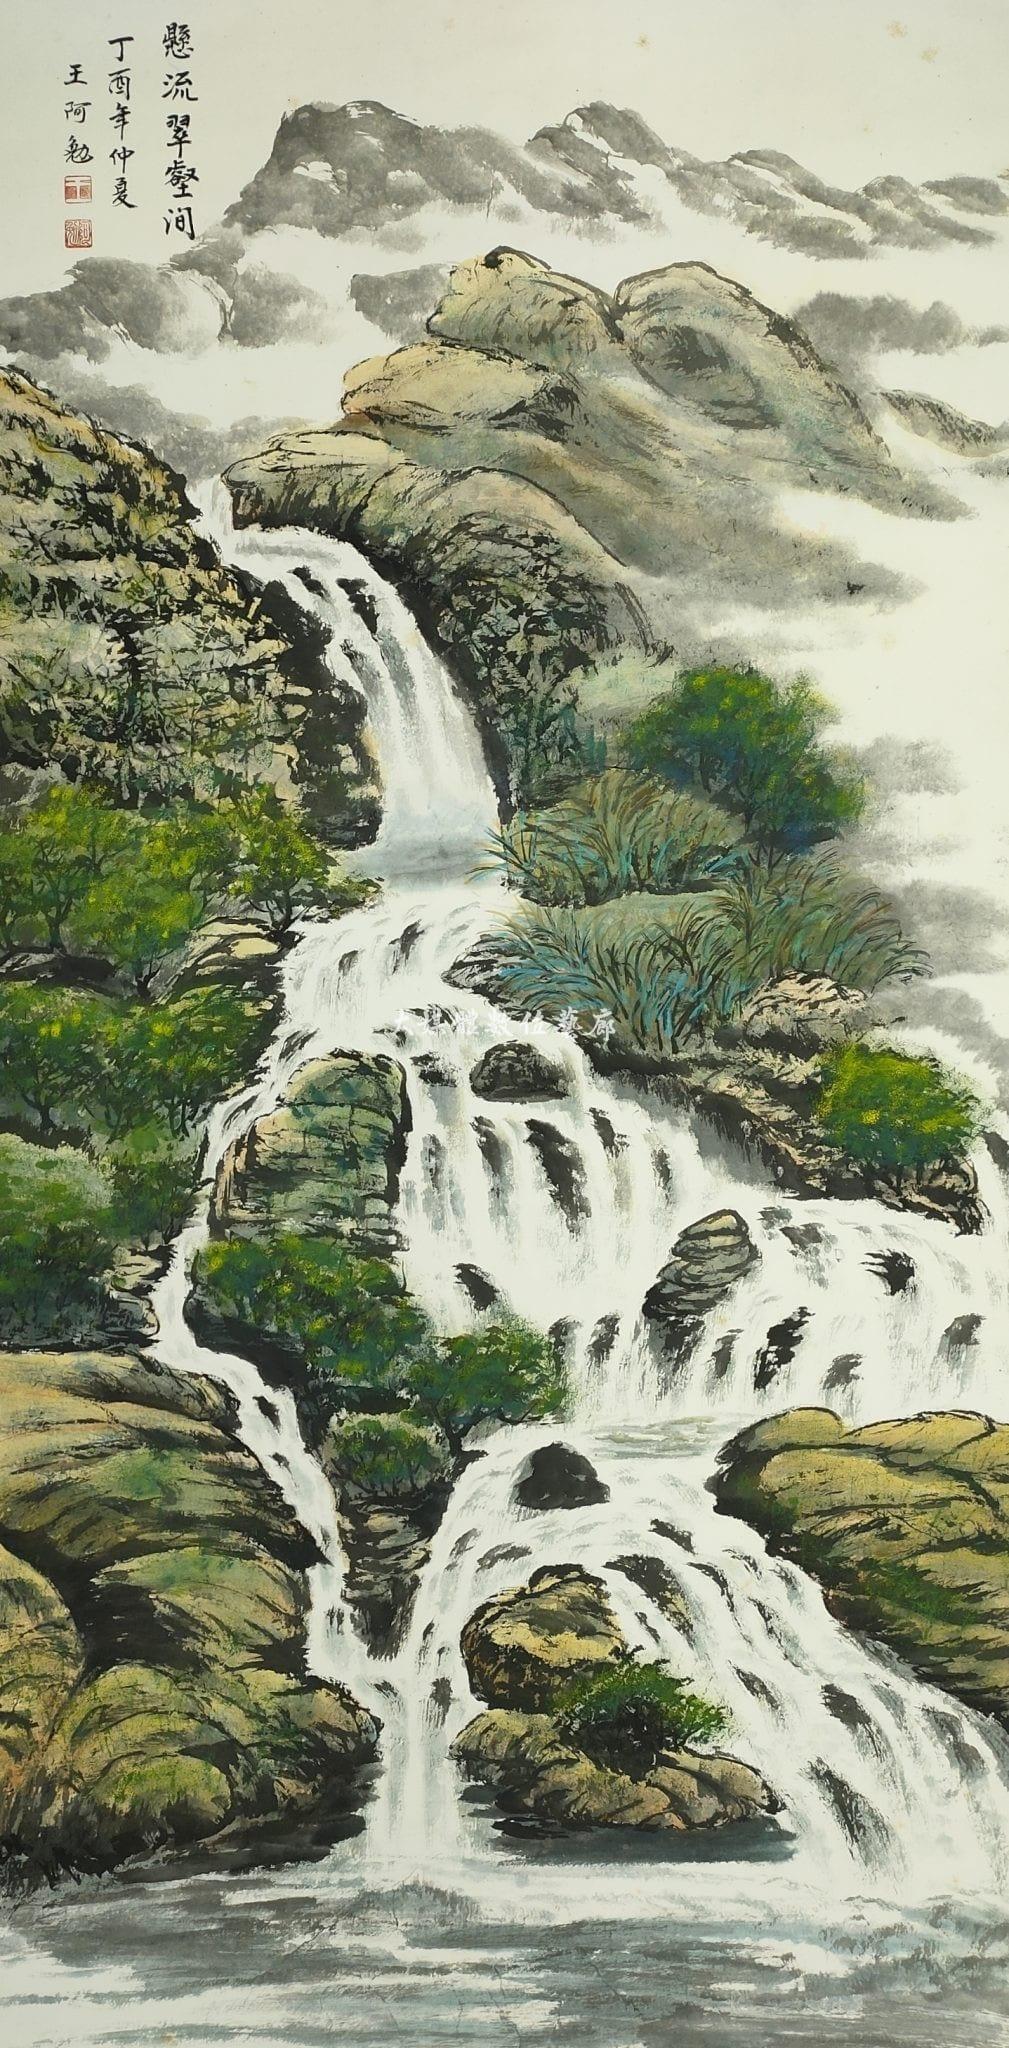 水墨畫 懸流翠壑間